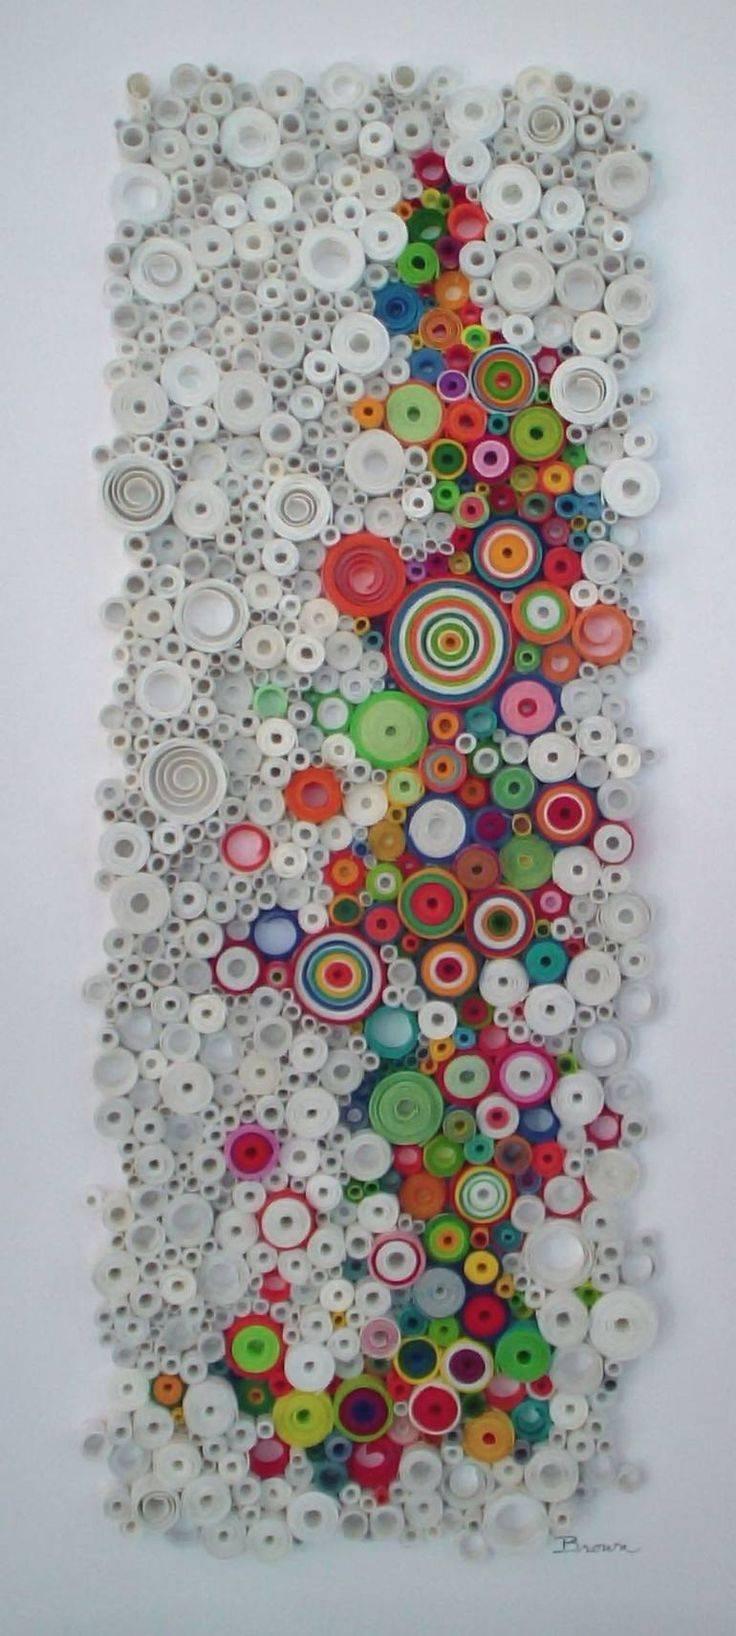 Best 25+ Modern Wall Art Ideas On Pinterest | Modern Gallery Wall Regarding Most Popular 3D Visual Wall Art (View 10 of 20)